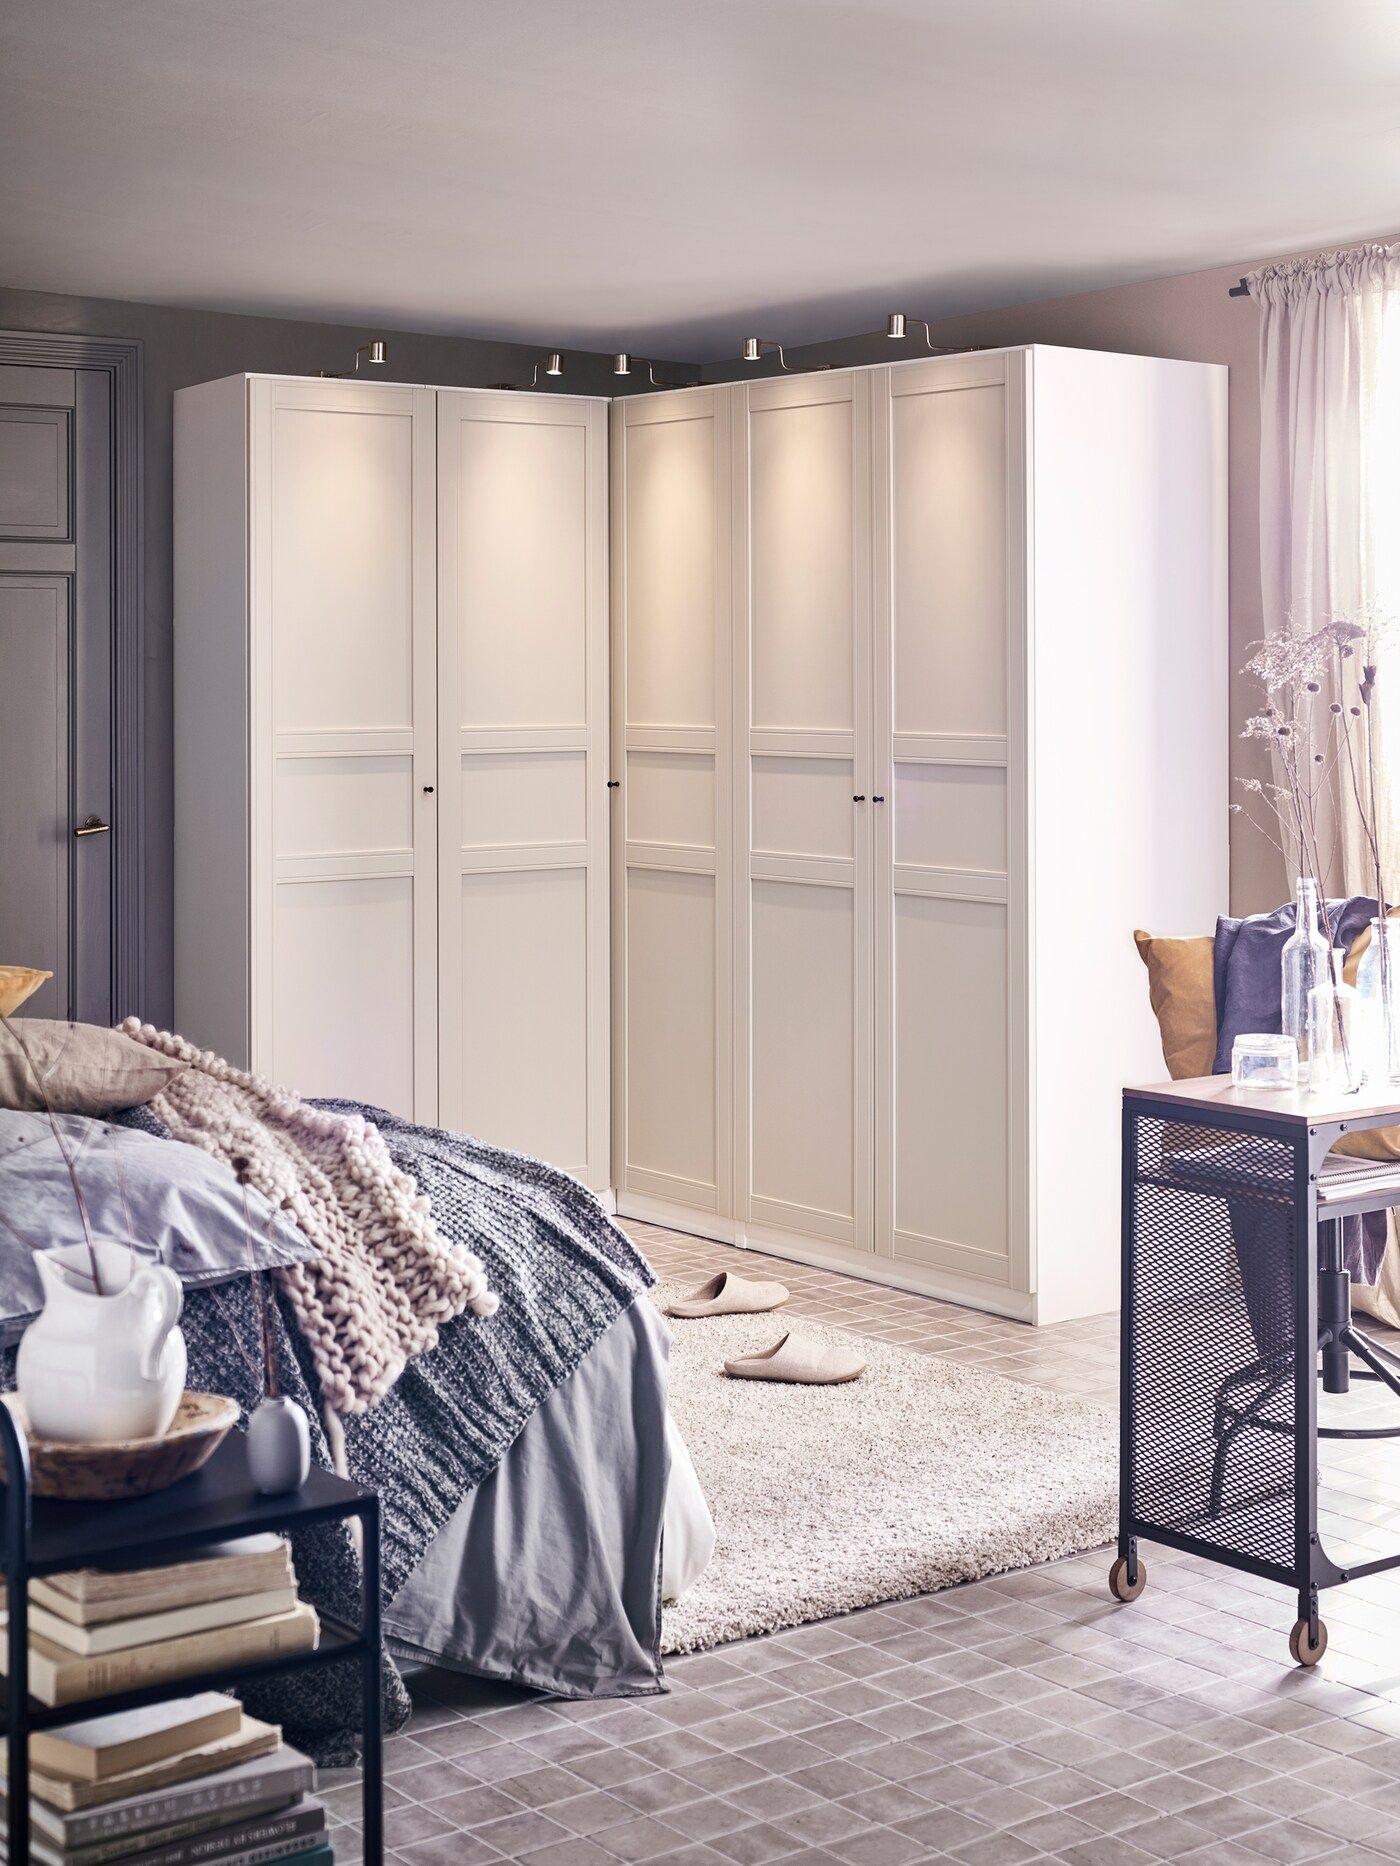 Schlafzimmer mit großzügigem Kleiderschrank